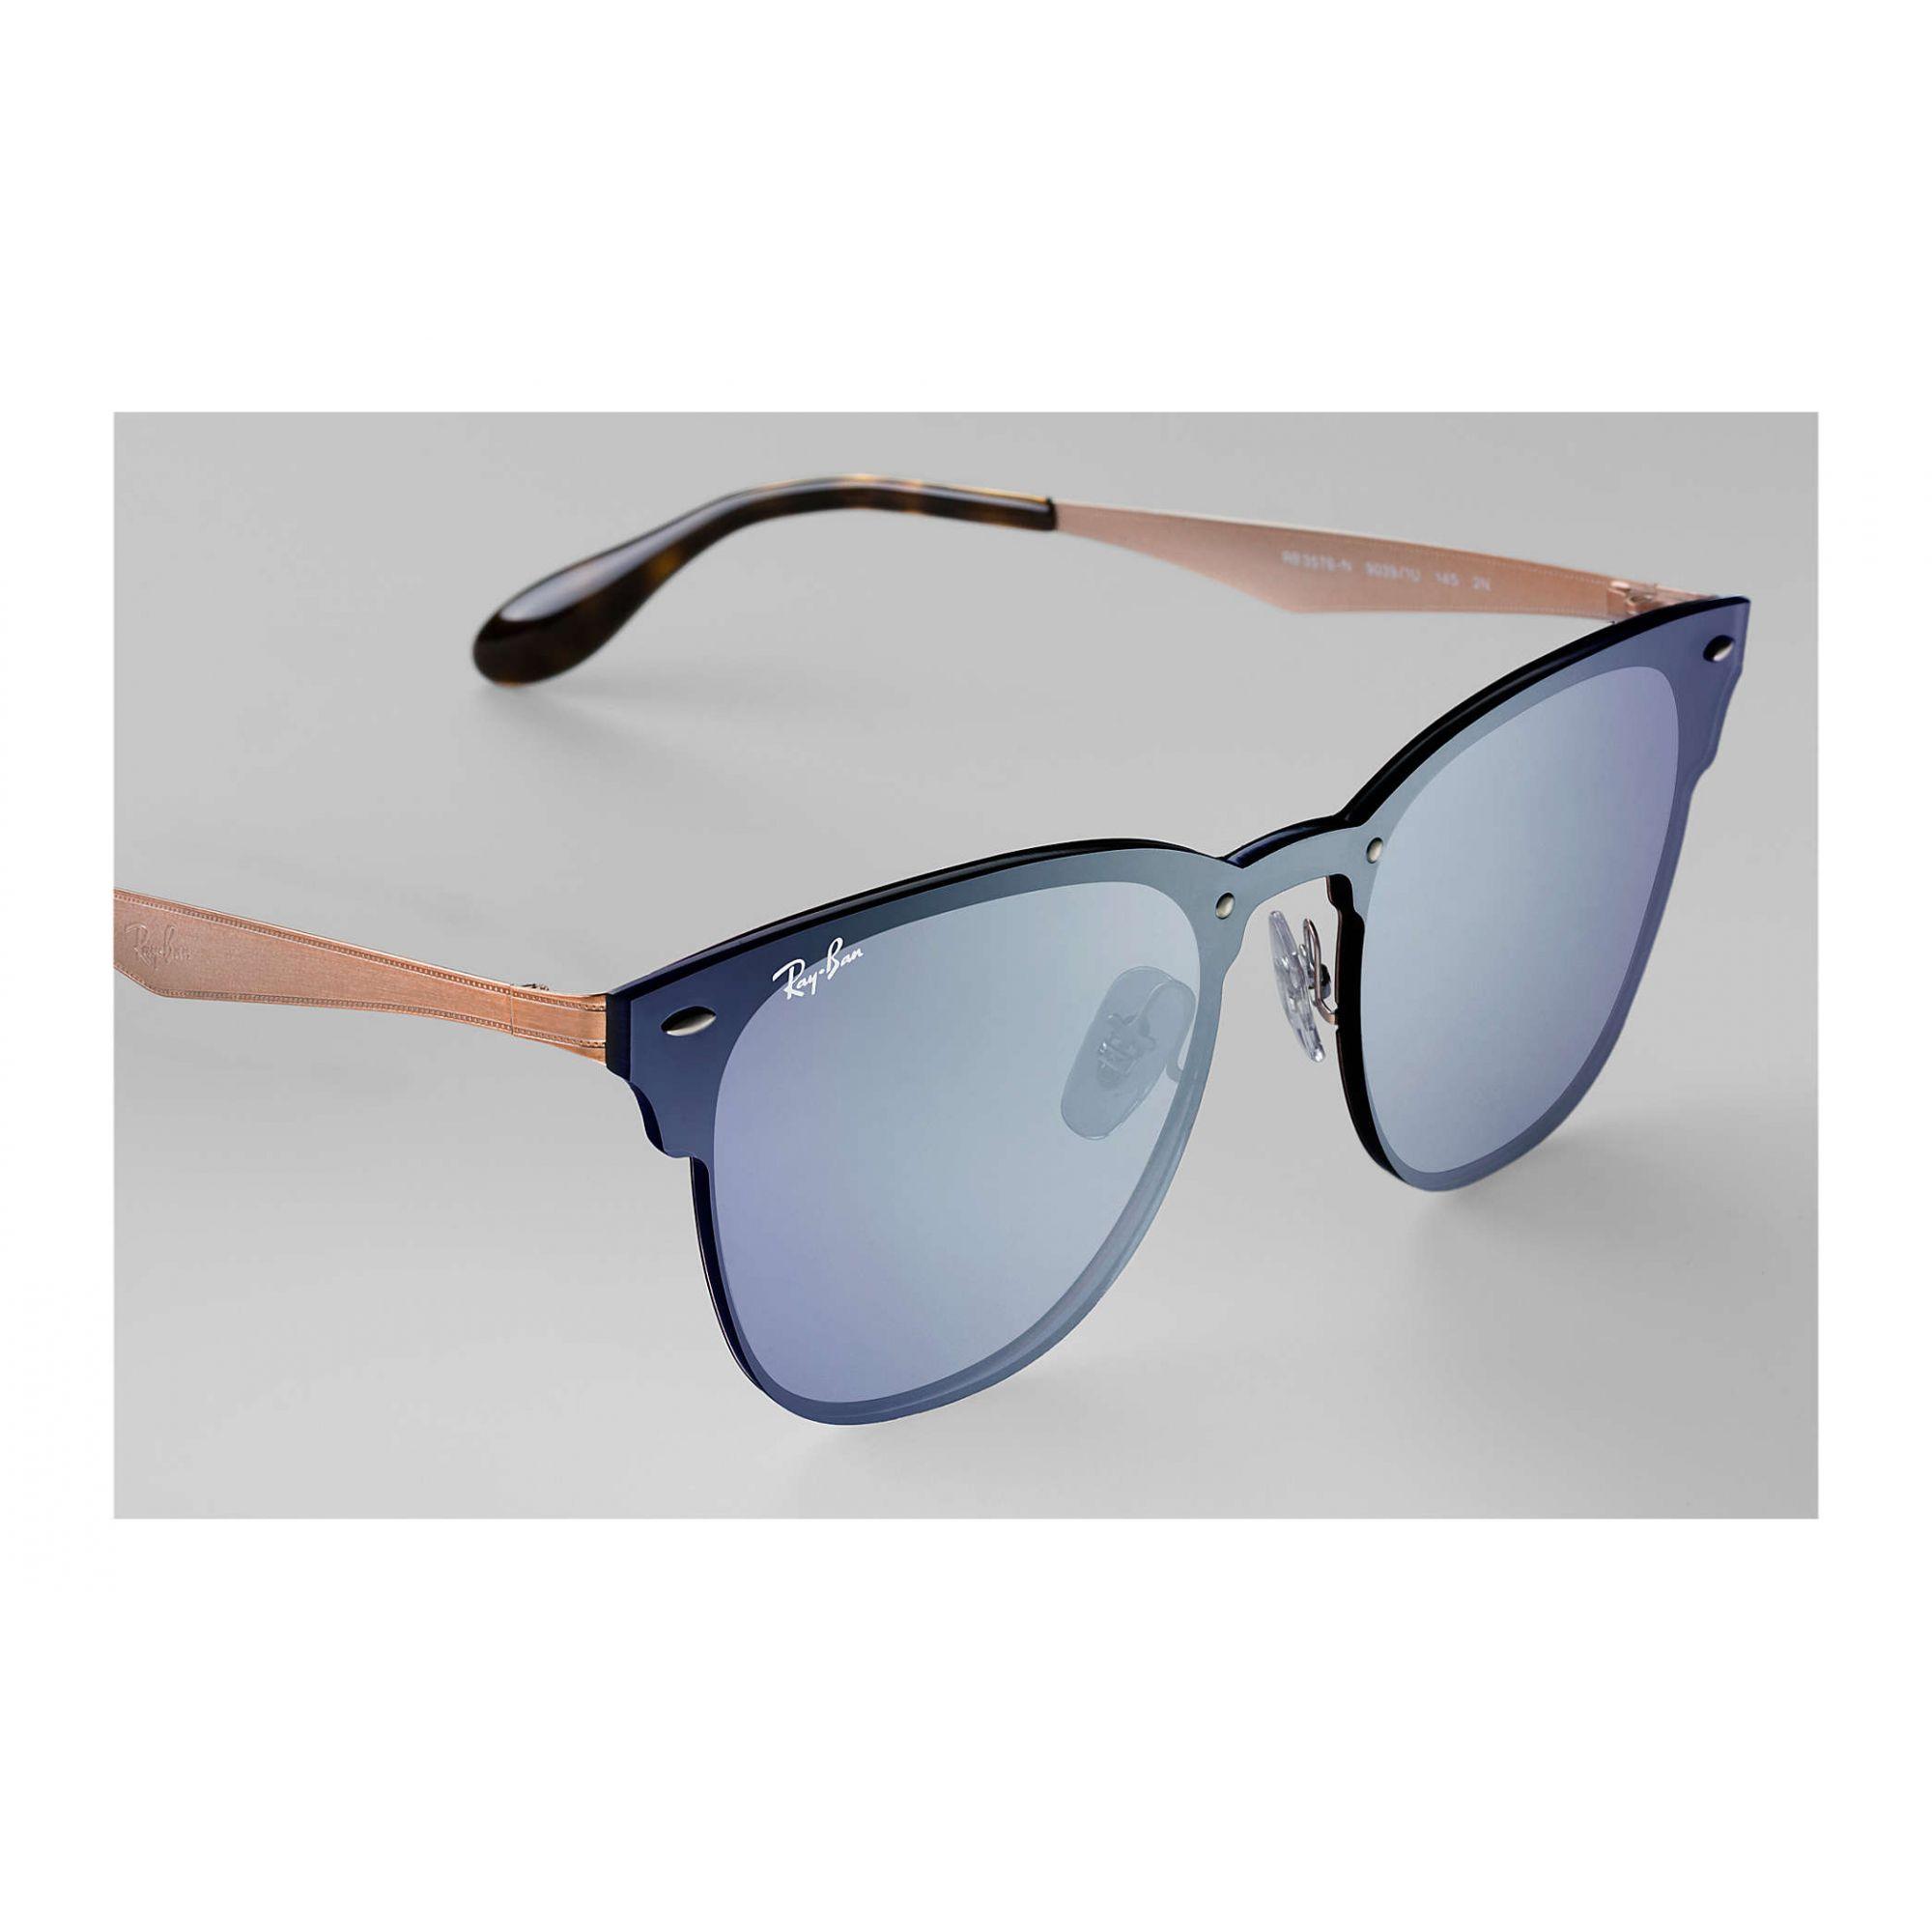 Óculos de Sol Unissex Ray-Ban Blaze ClubMaster Azul